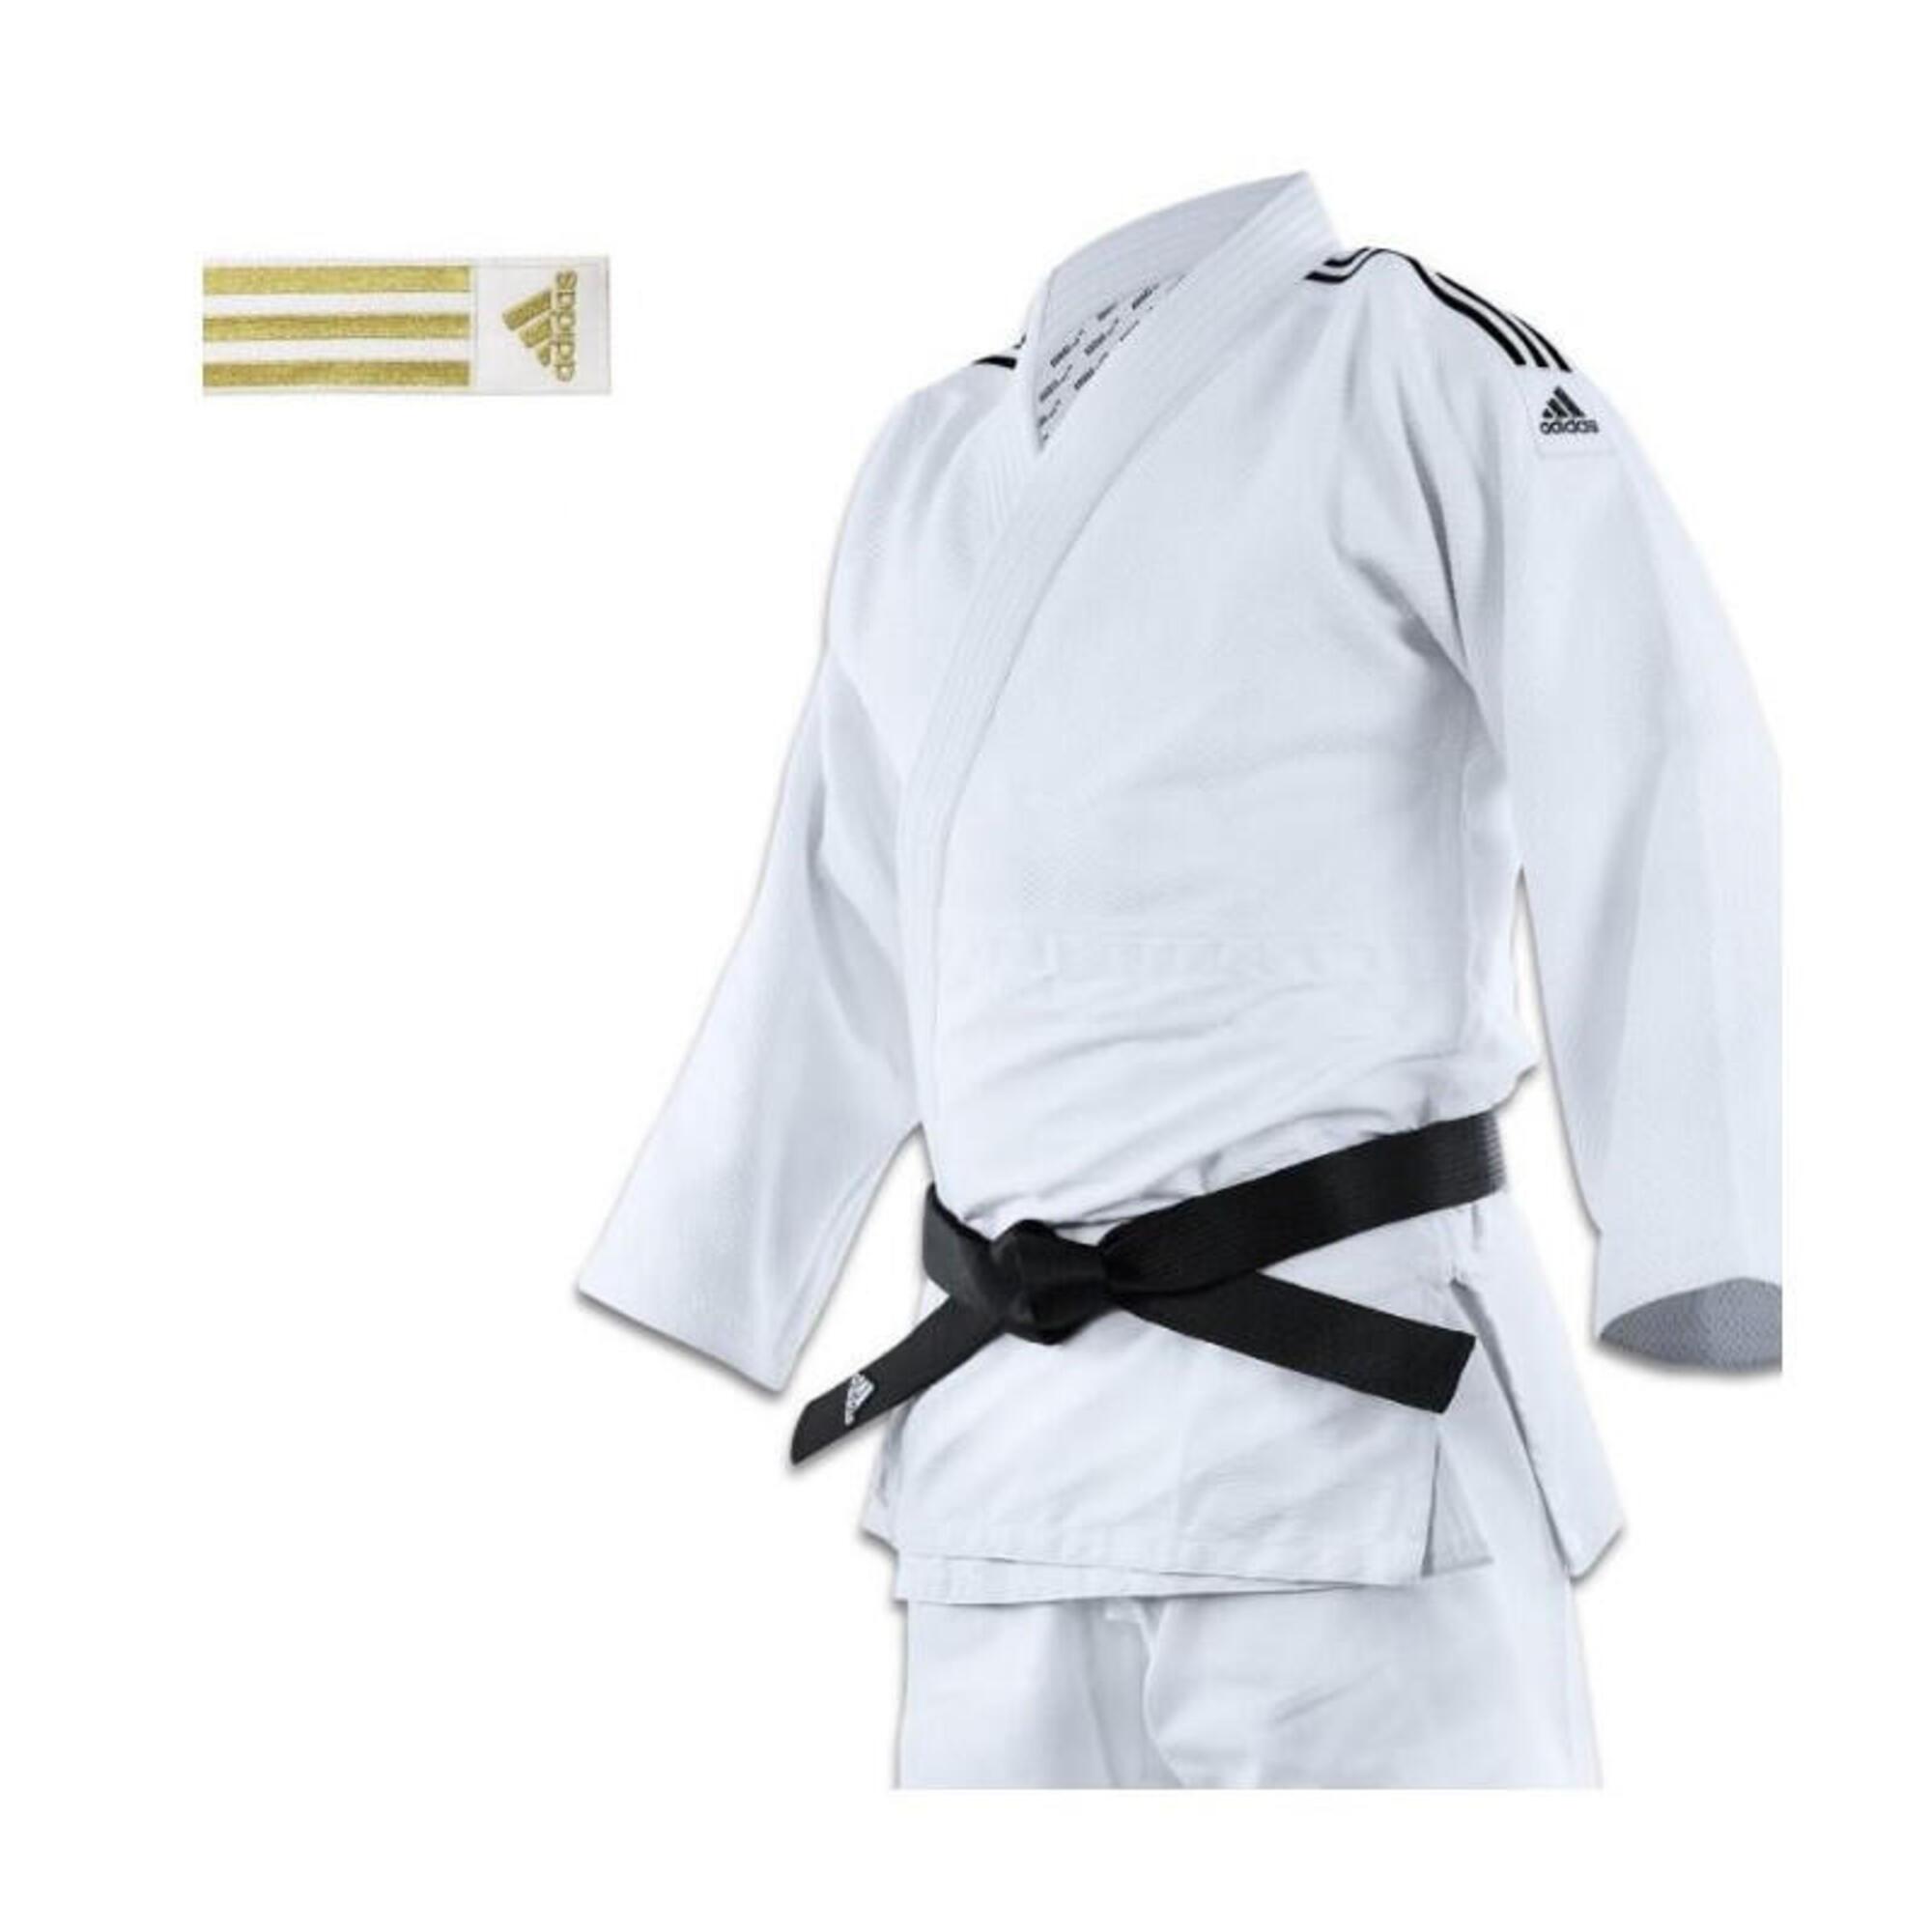 Kimono judo J690 Quest à bandes or